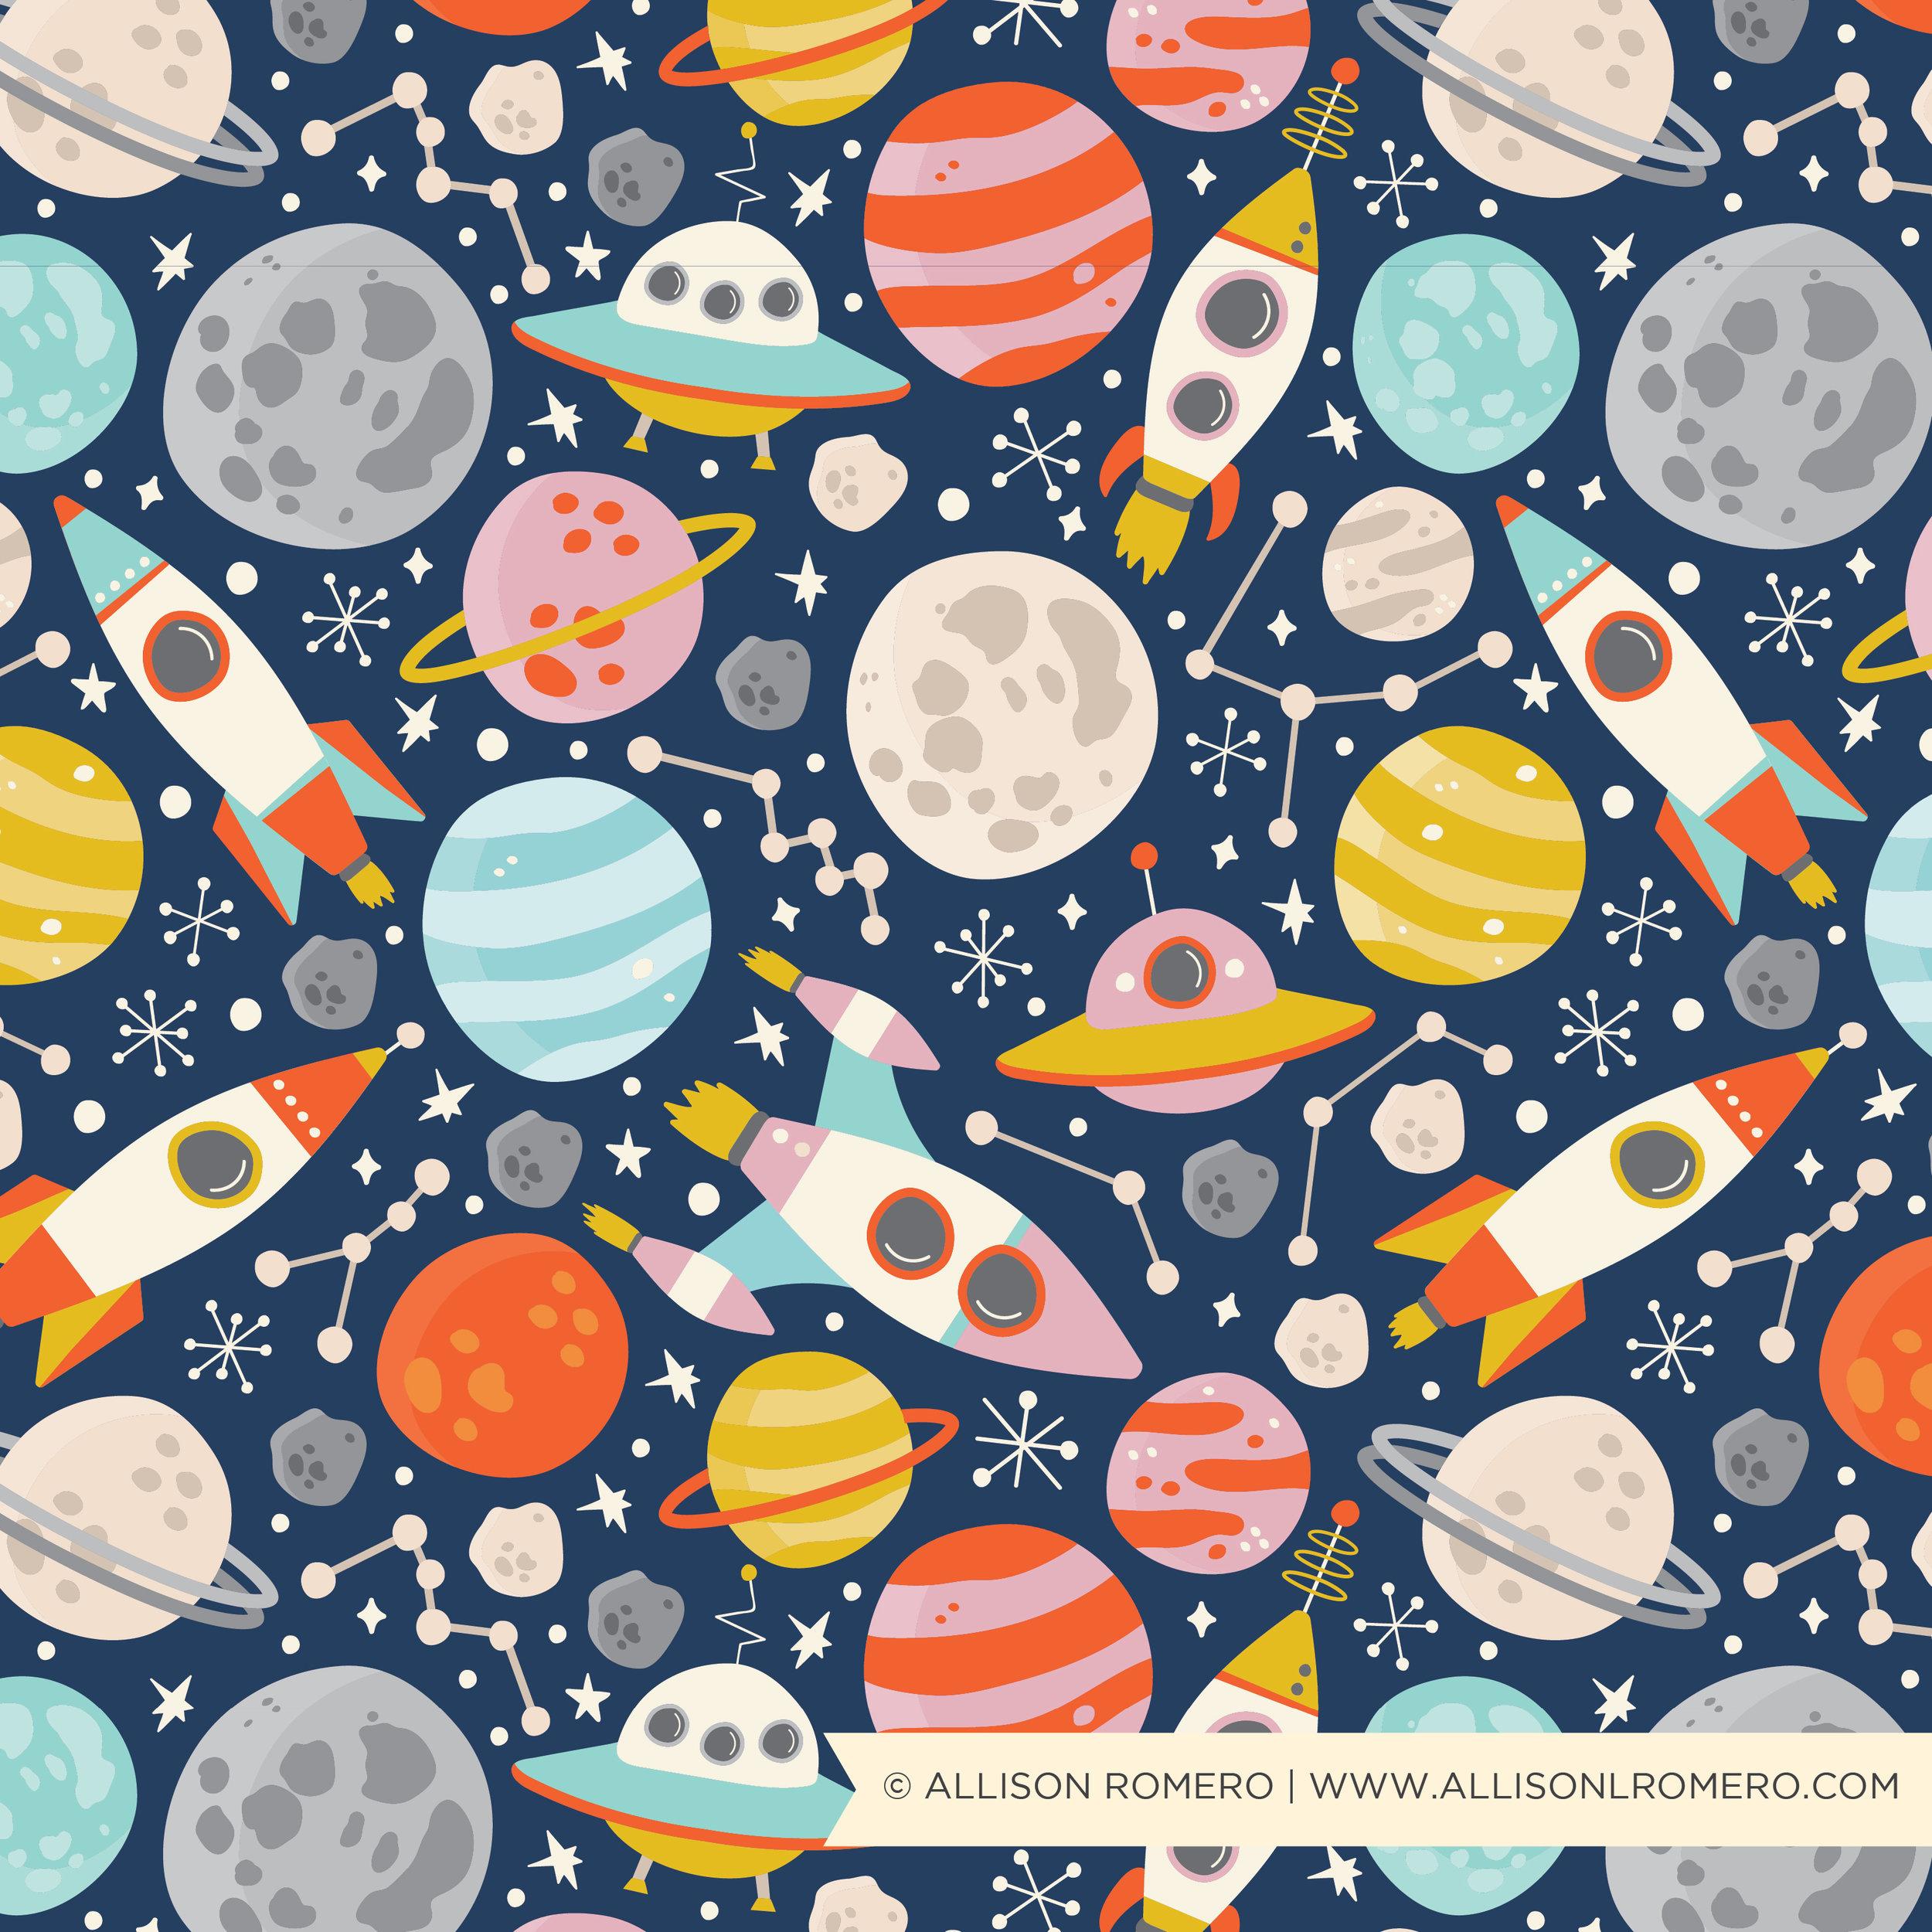 ALRDesign_Space-01.jpg